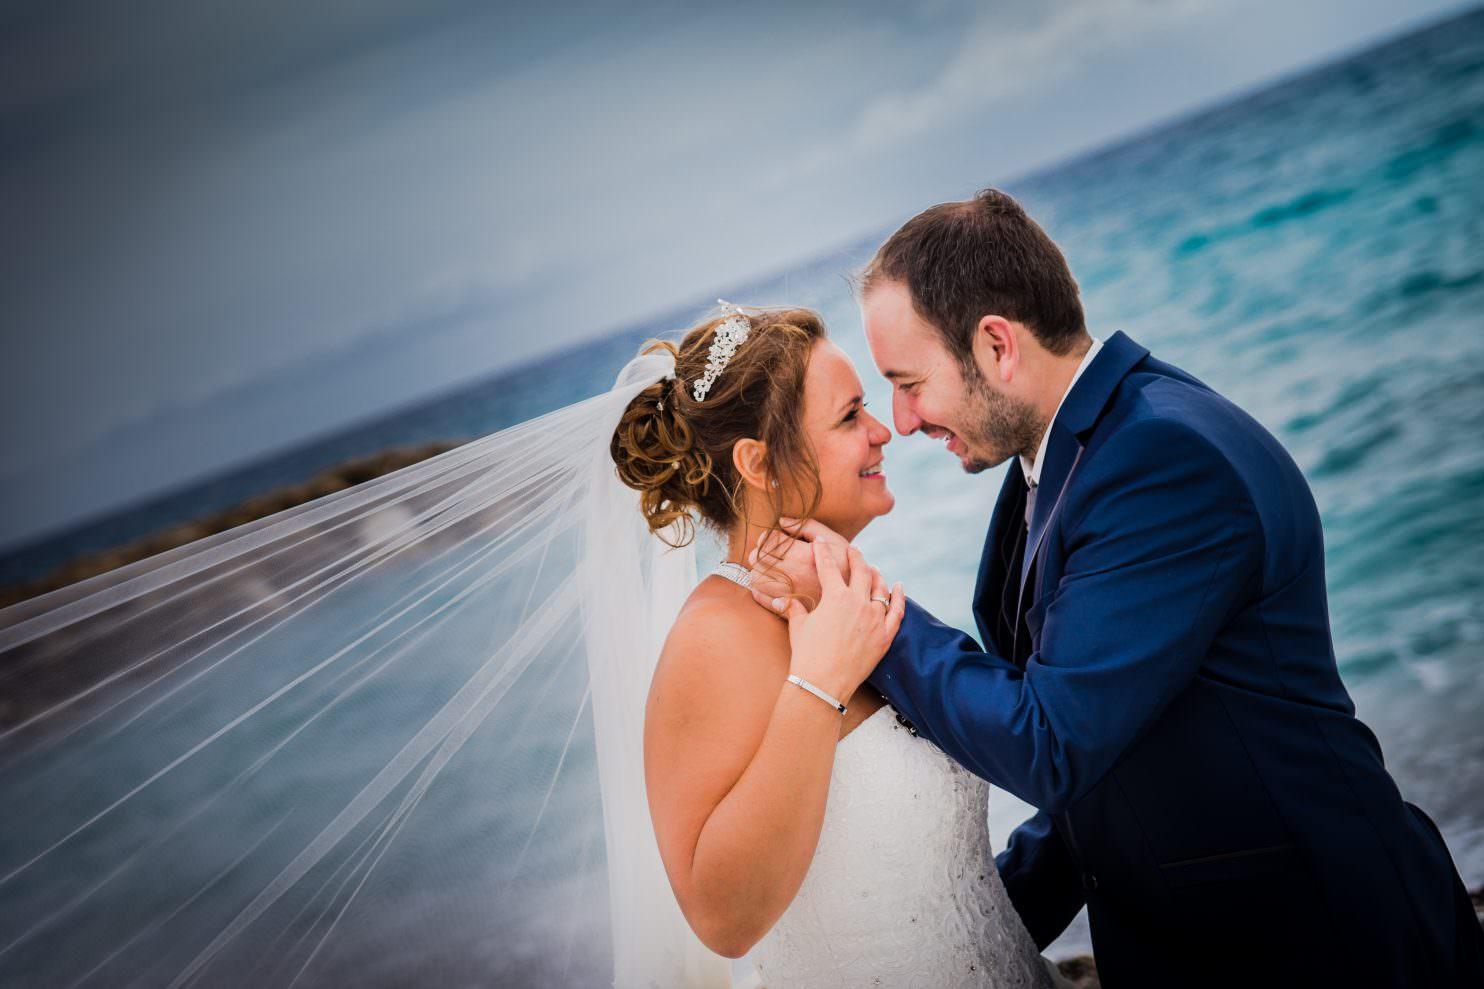 Mariage féerique - Bonheur- Alliance Rêvée